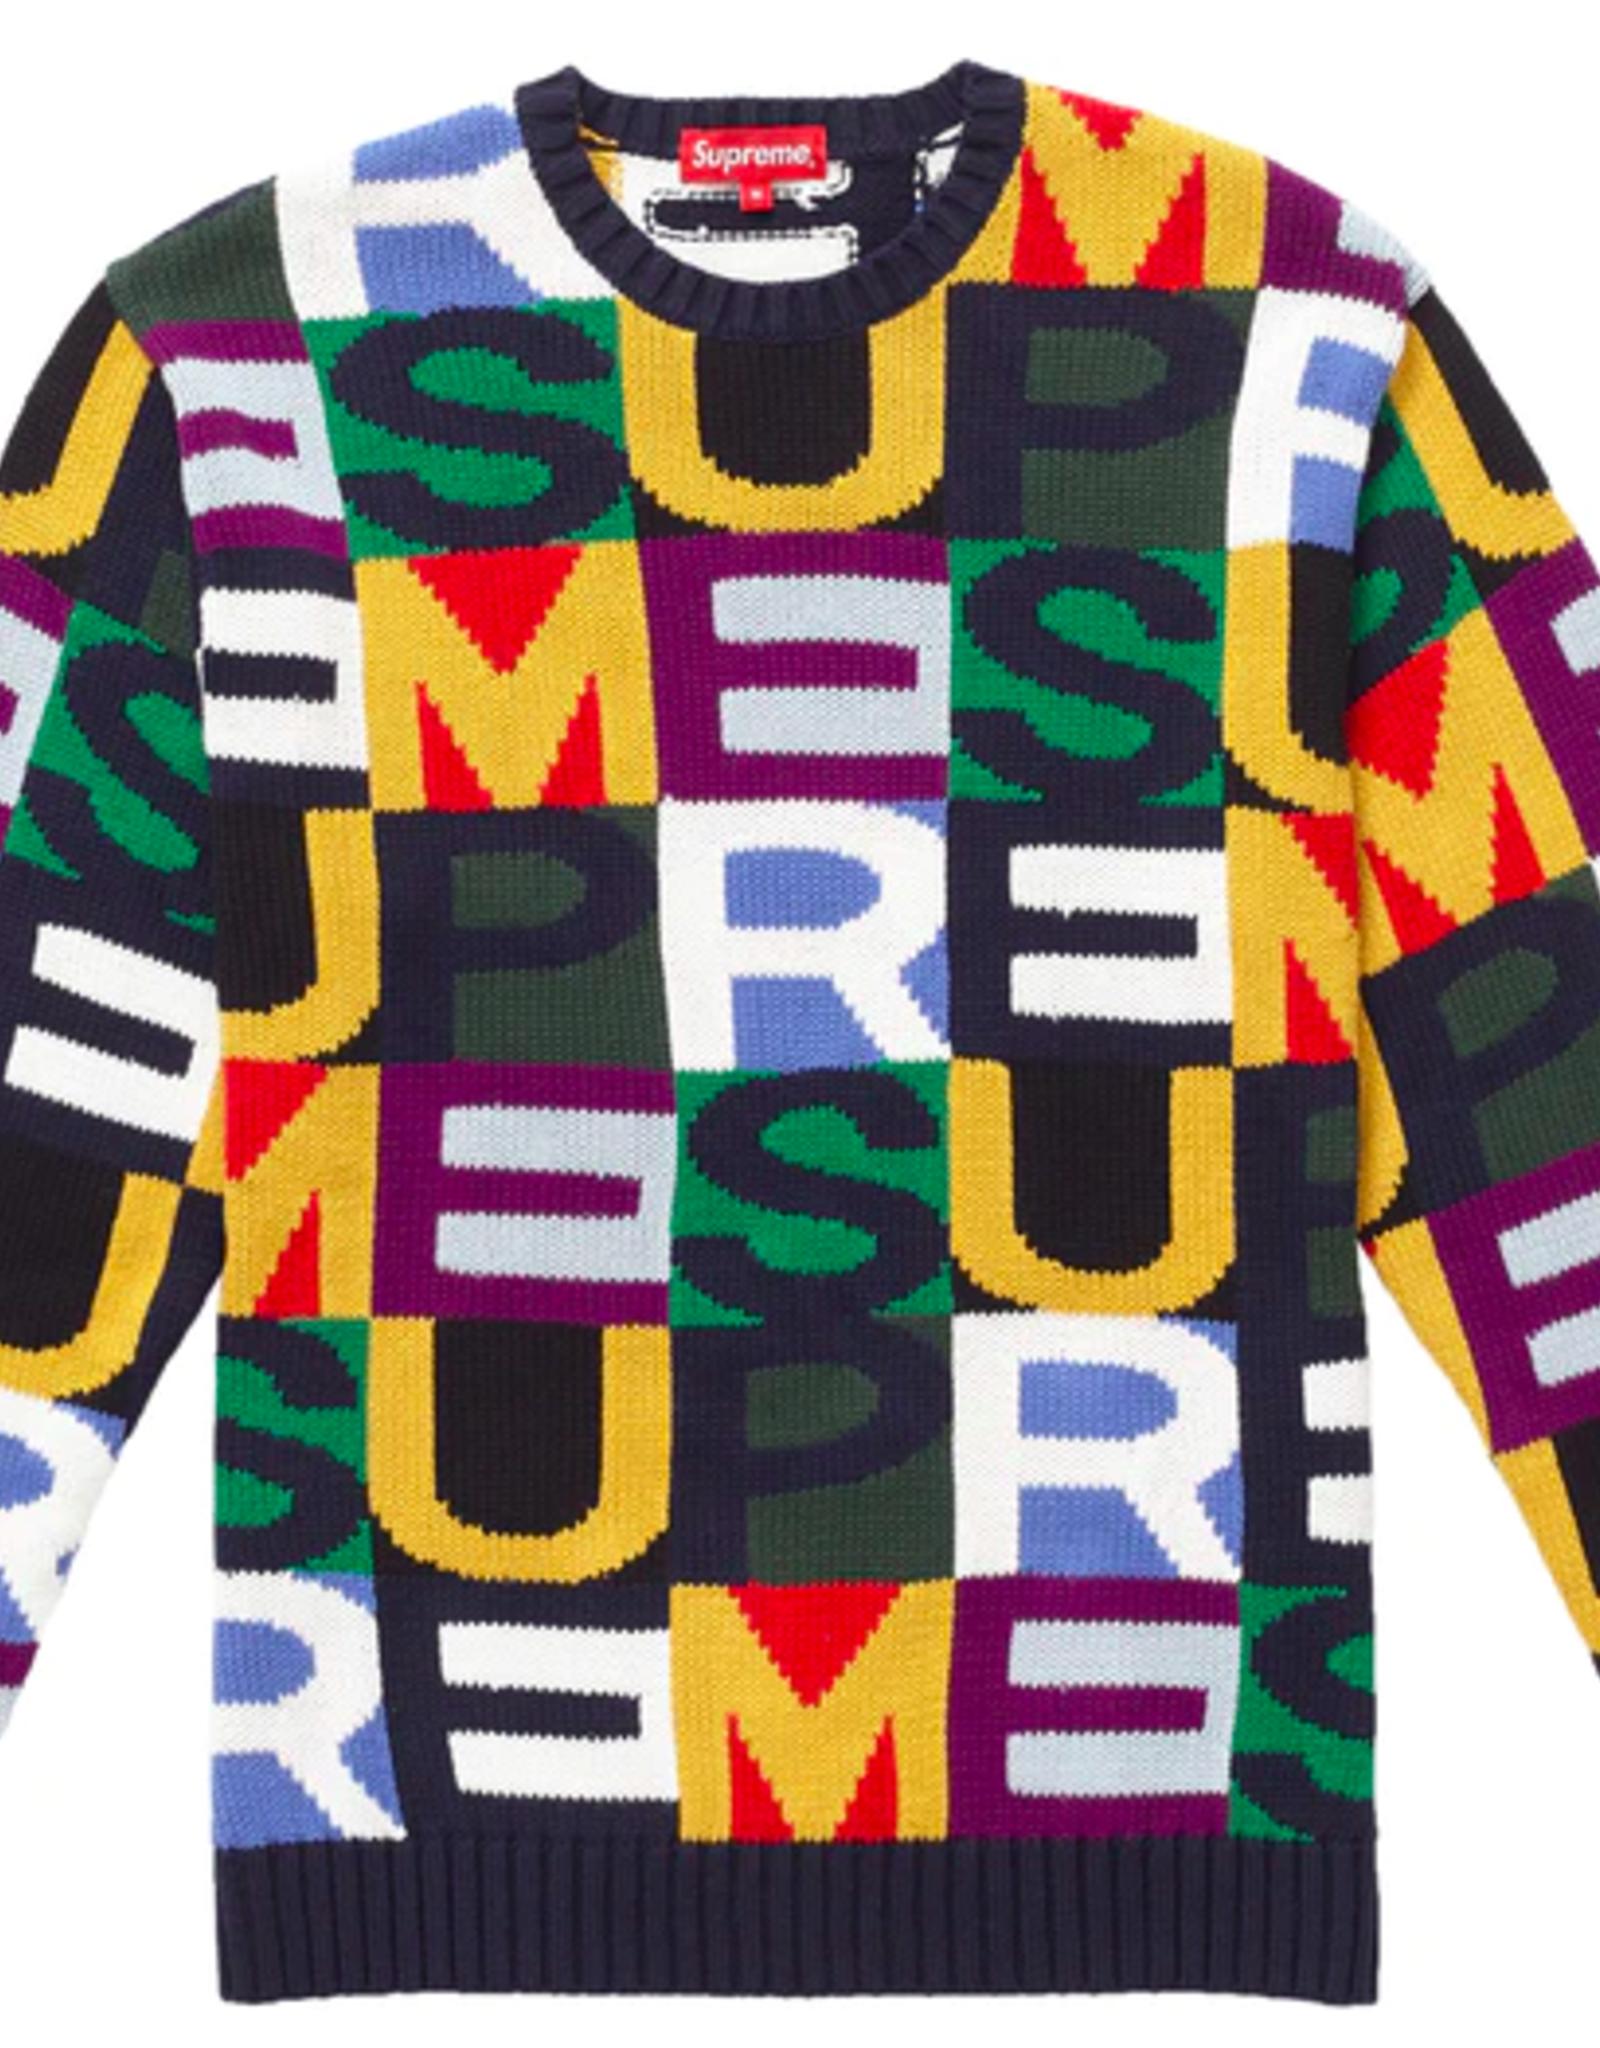 SUPREME Supreme Big Letters Sweater Multicolor - Large